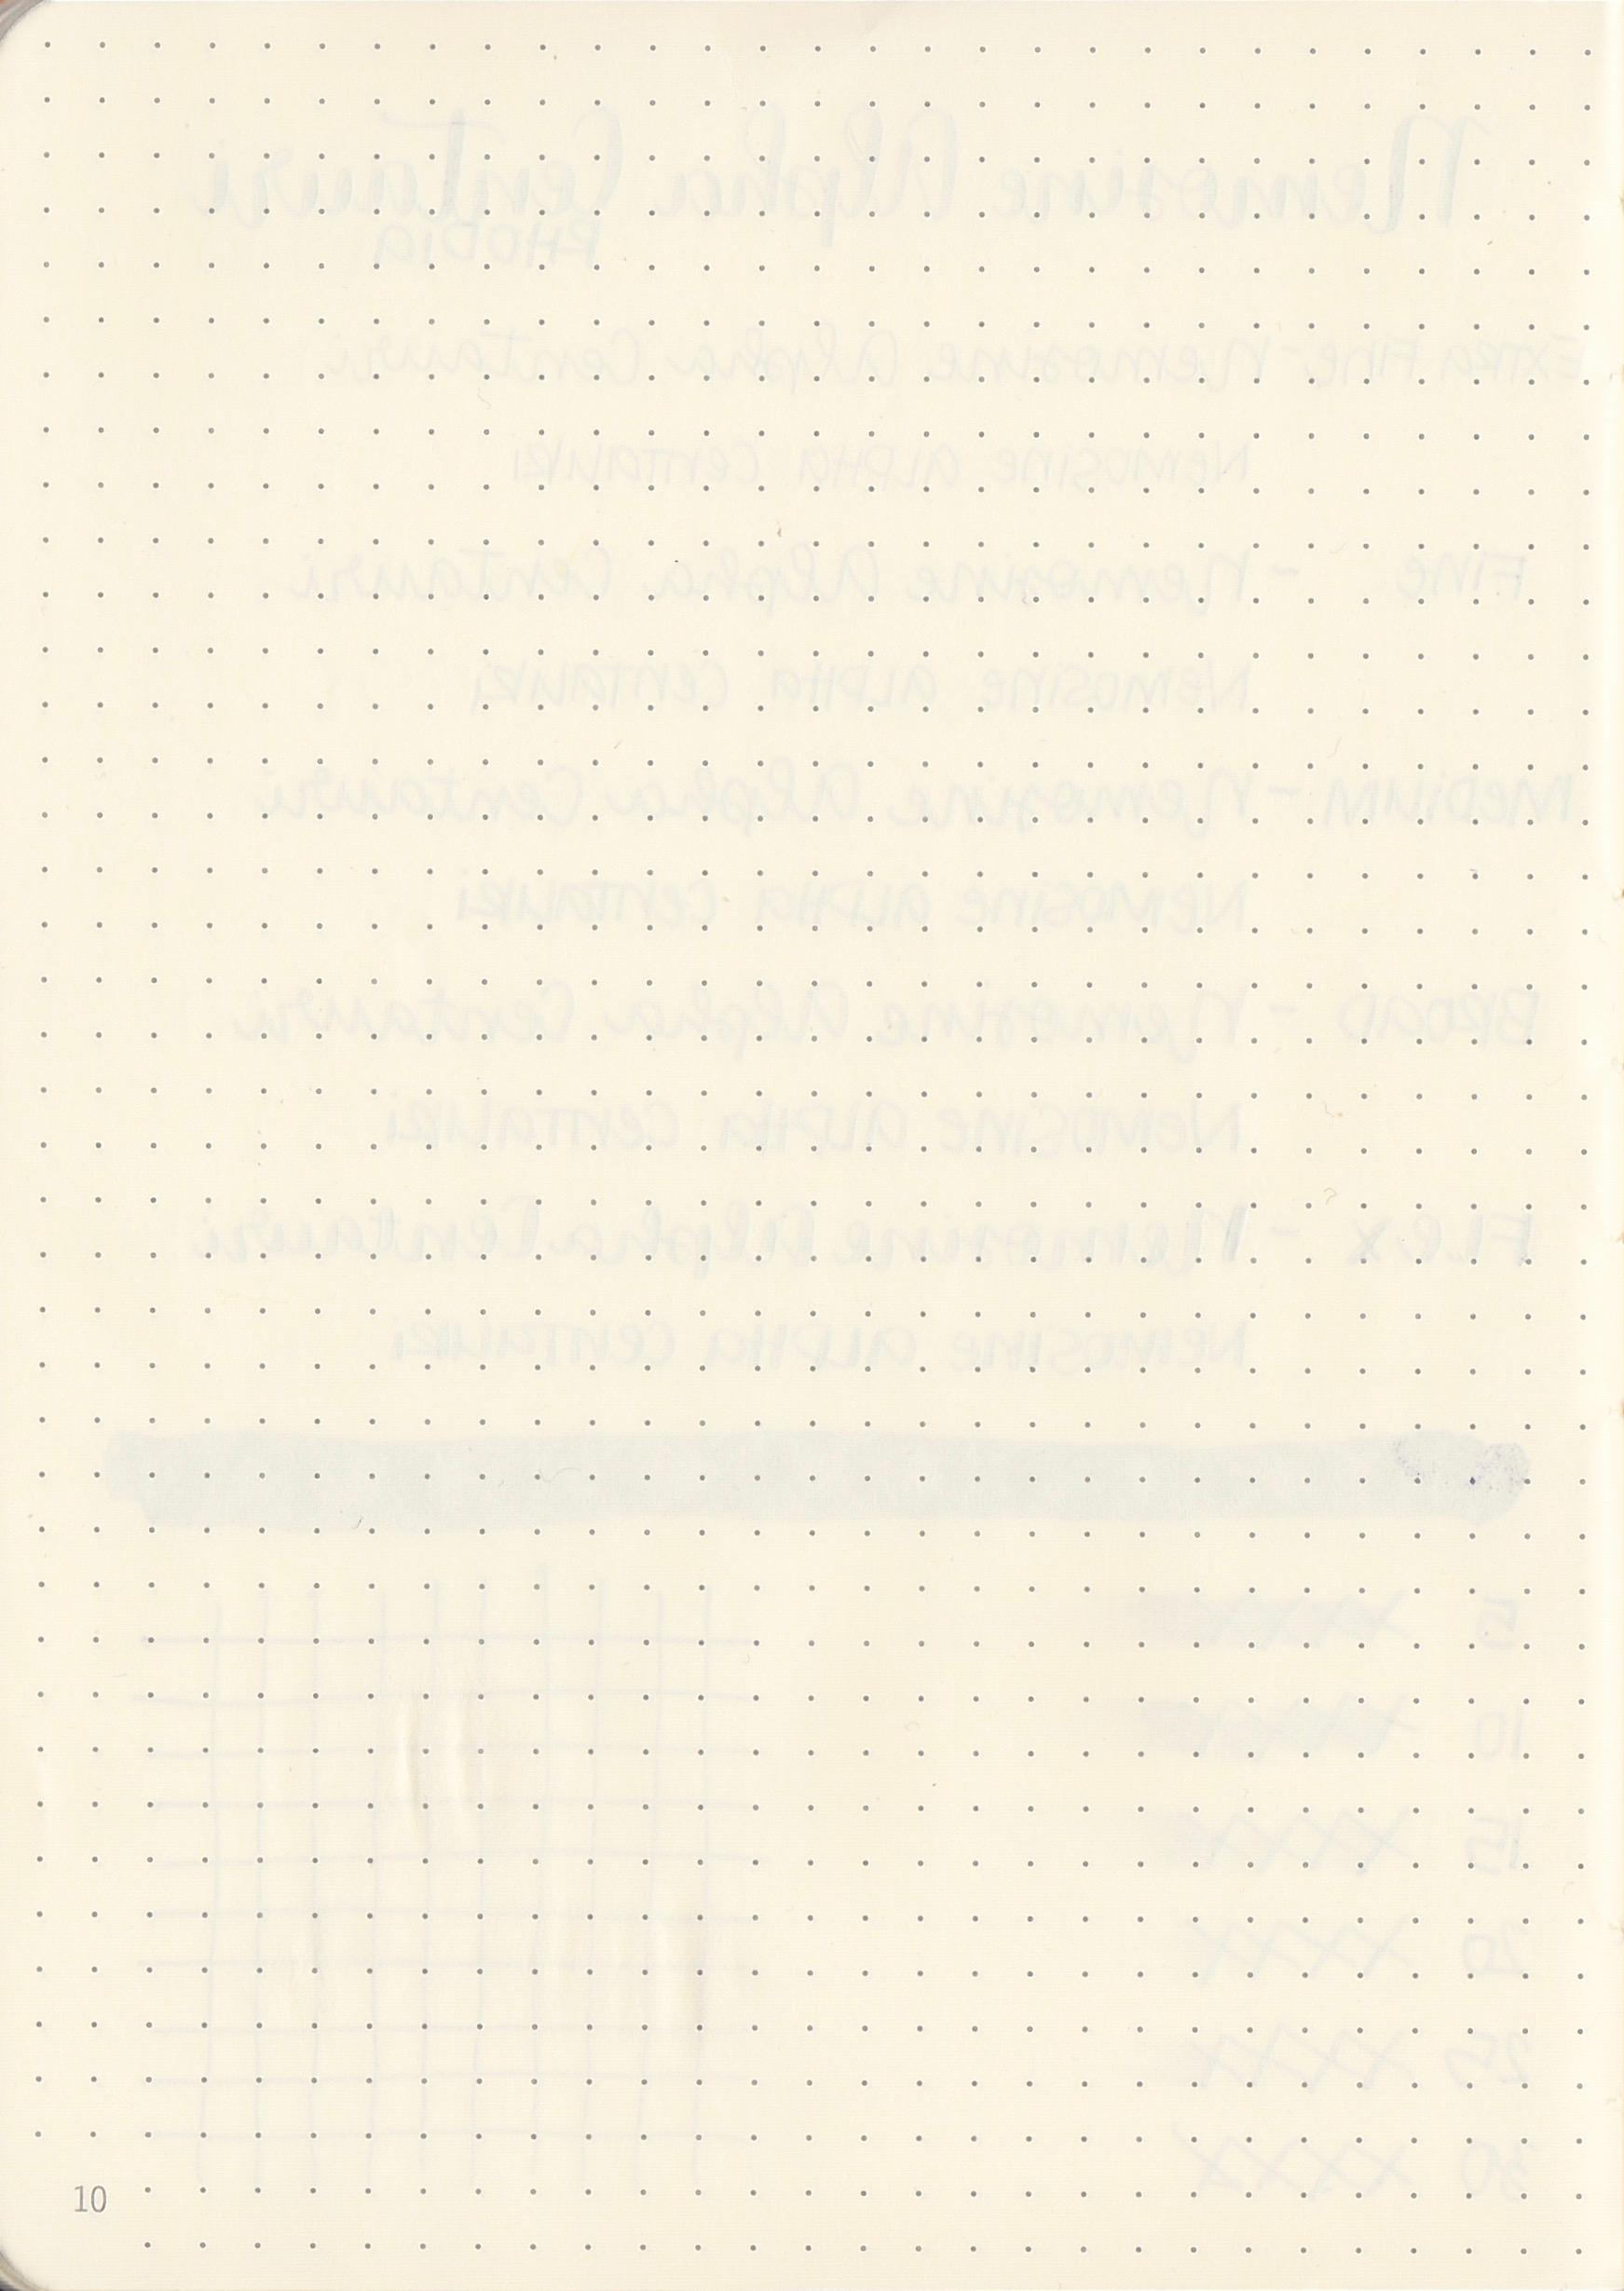 NemoAlphaCentauri - 11.jpg